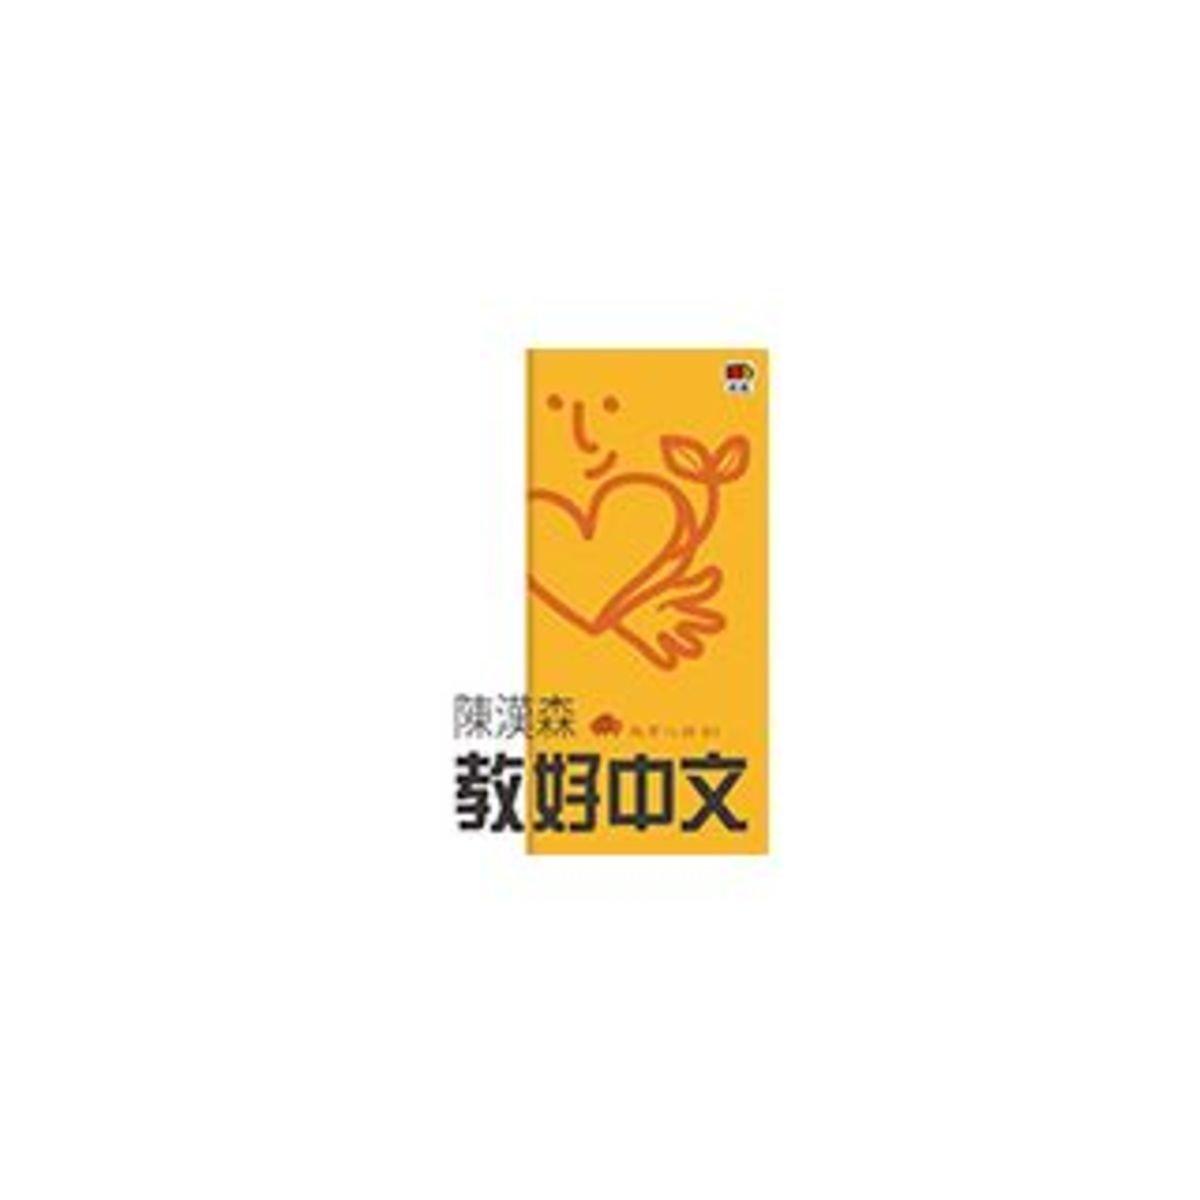 教育心語 01──教好中文